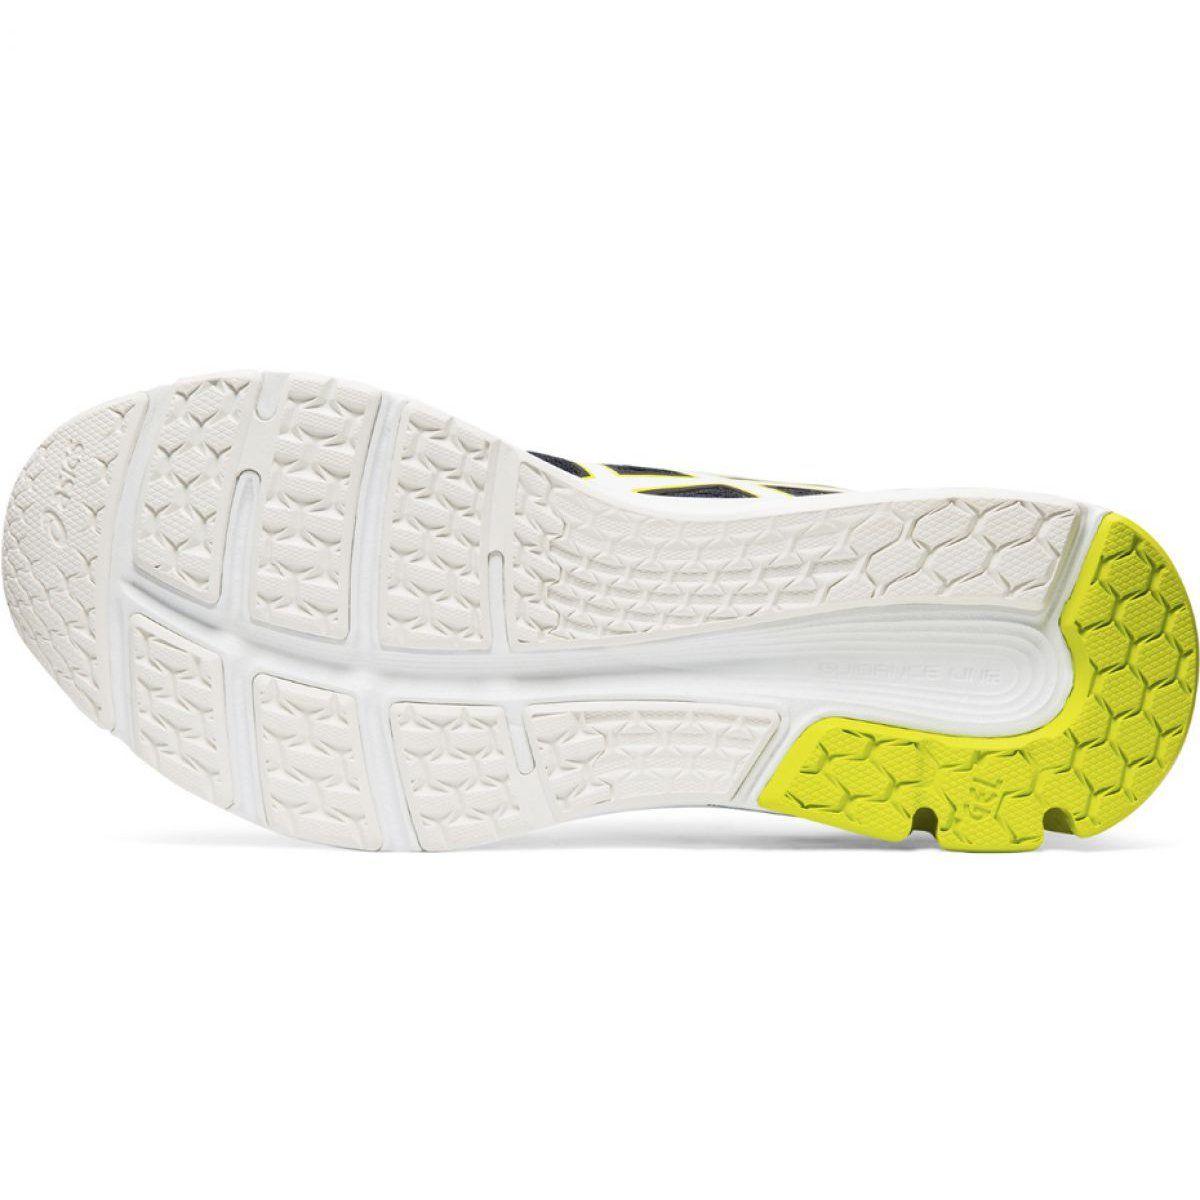 Buty Do Biegania Asics Gel Pulse 11 M 1011a550 002 Czarne Black Running Shoes Running Shoes Asics Gel Pulse